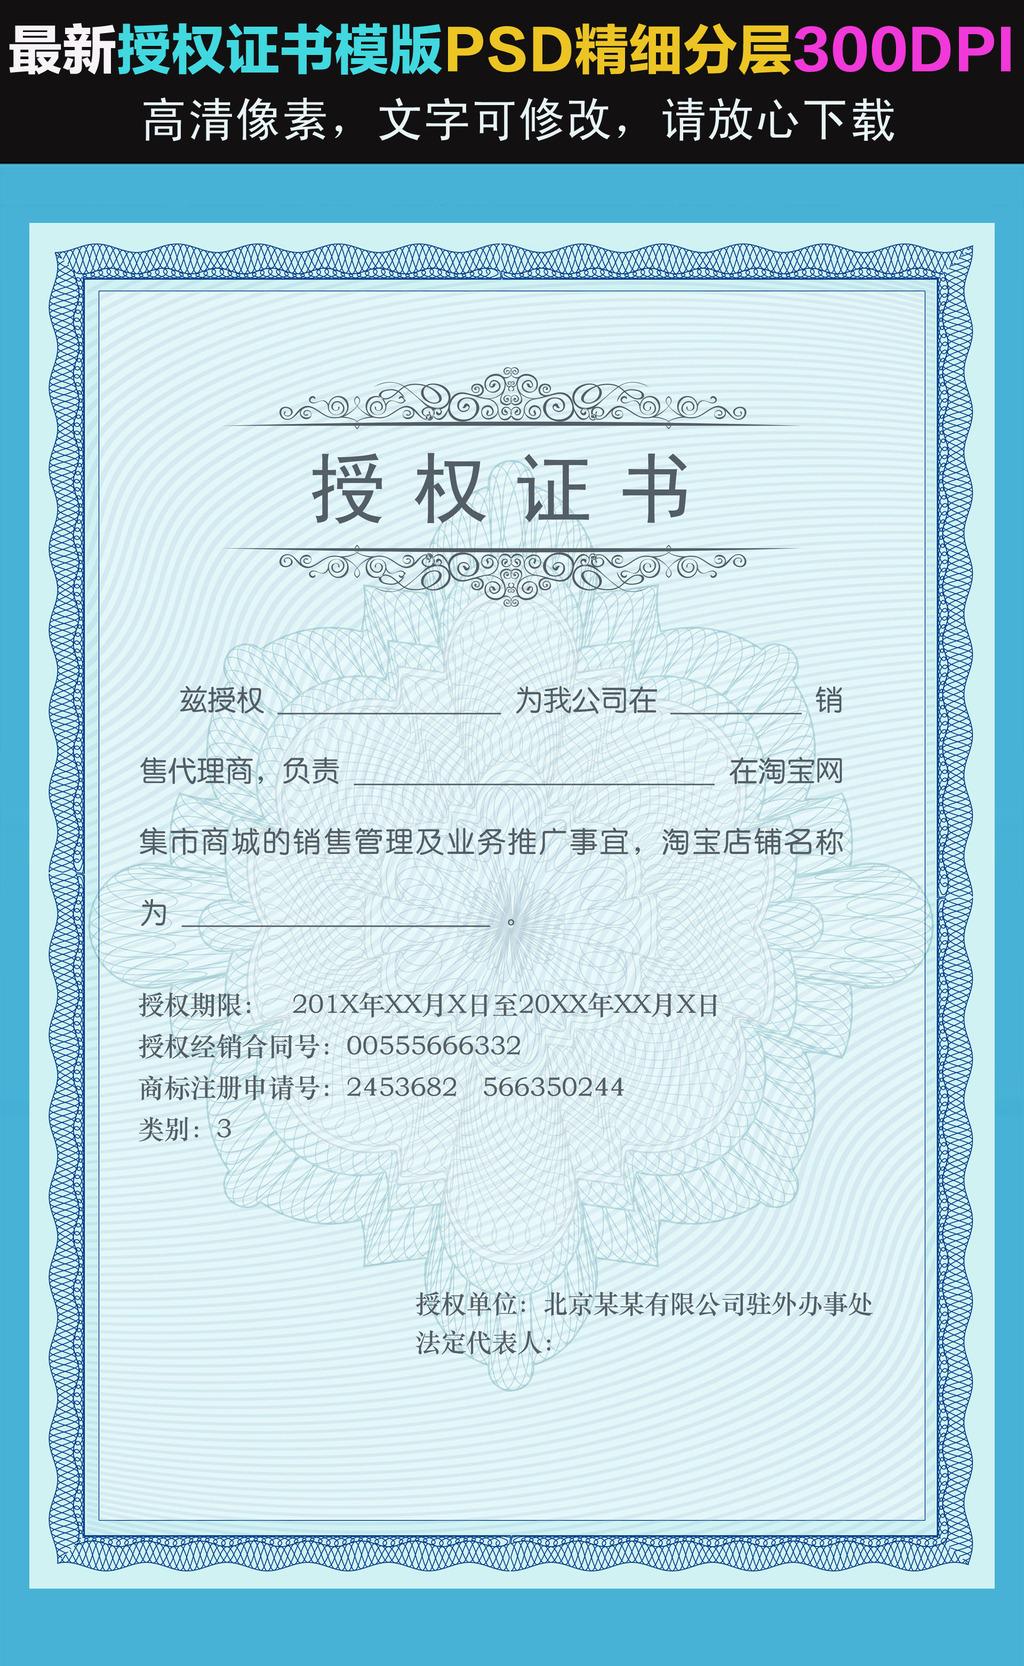 蓝色精美淘宝授权证书模板下载